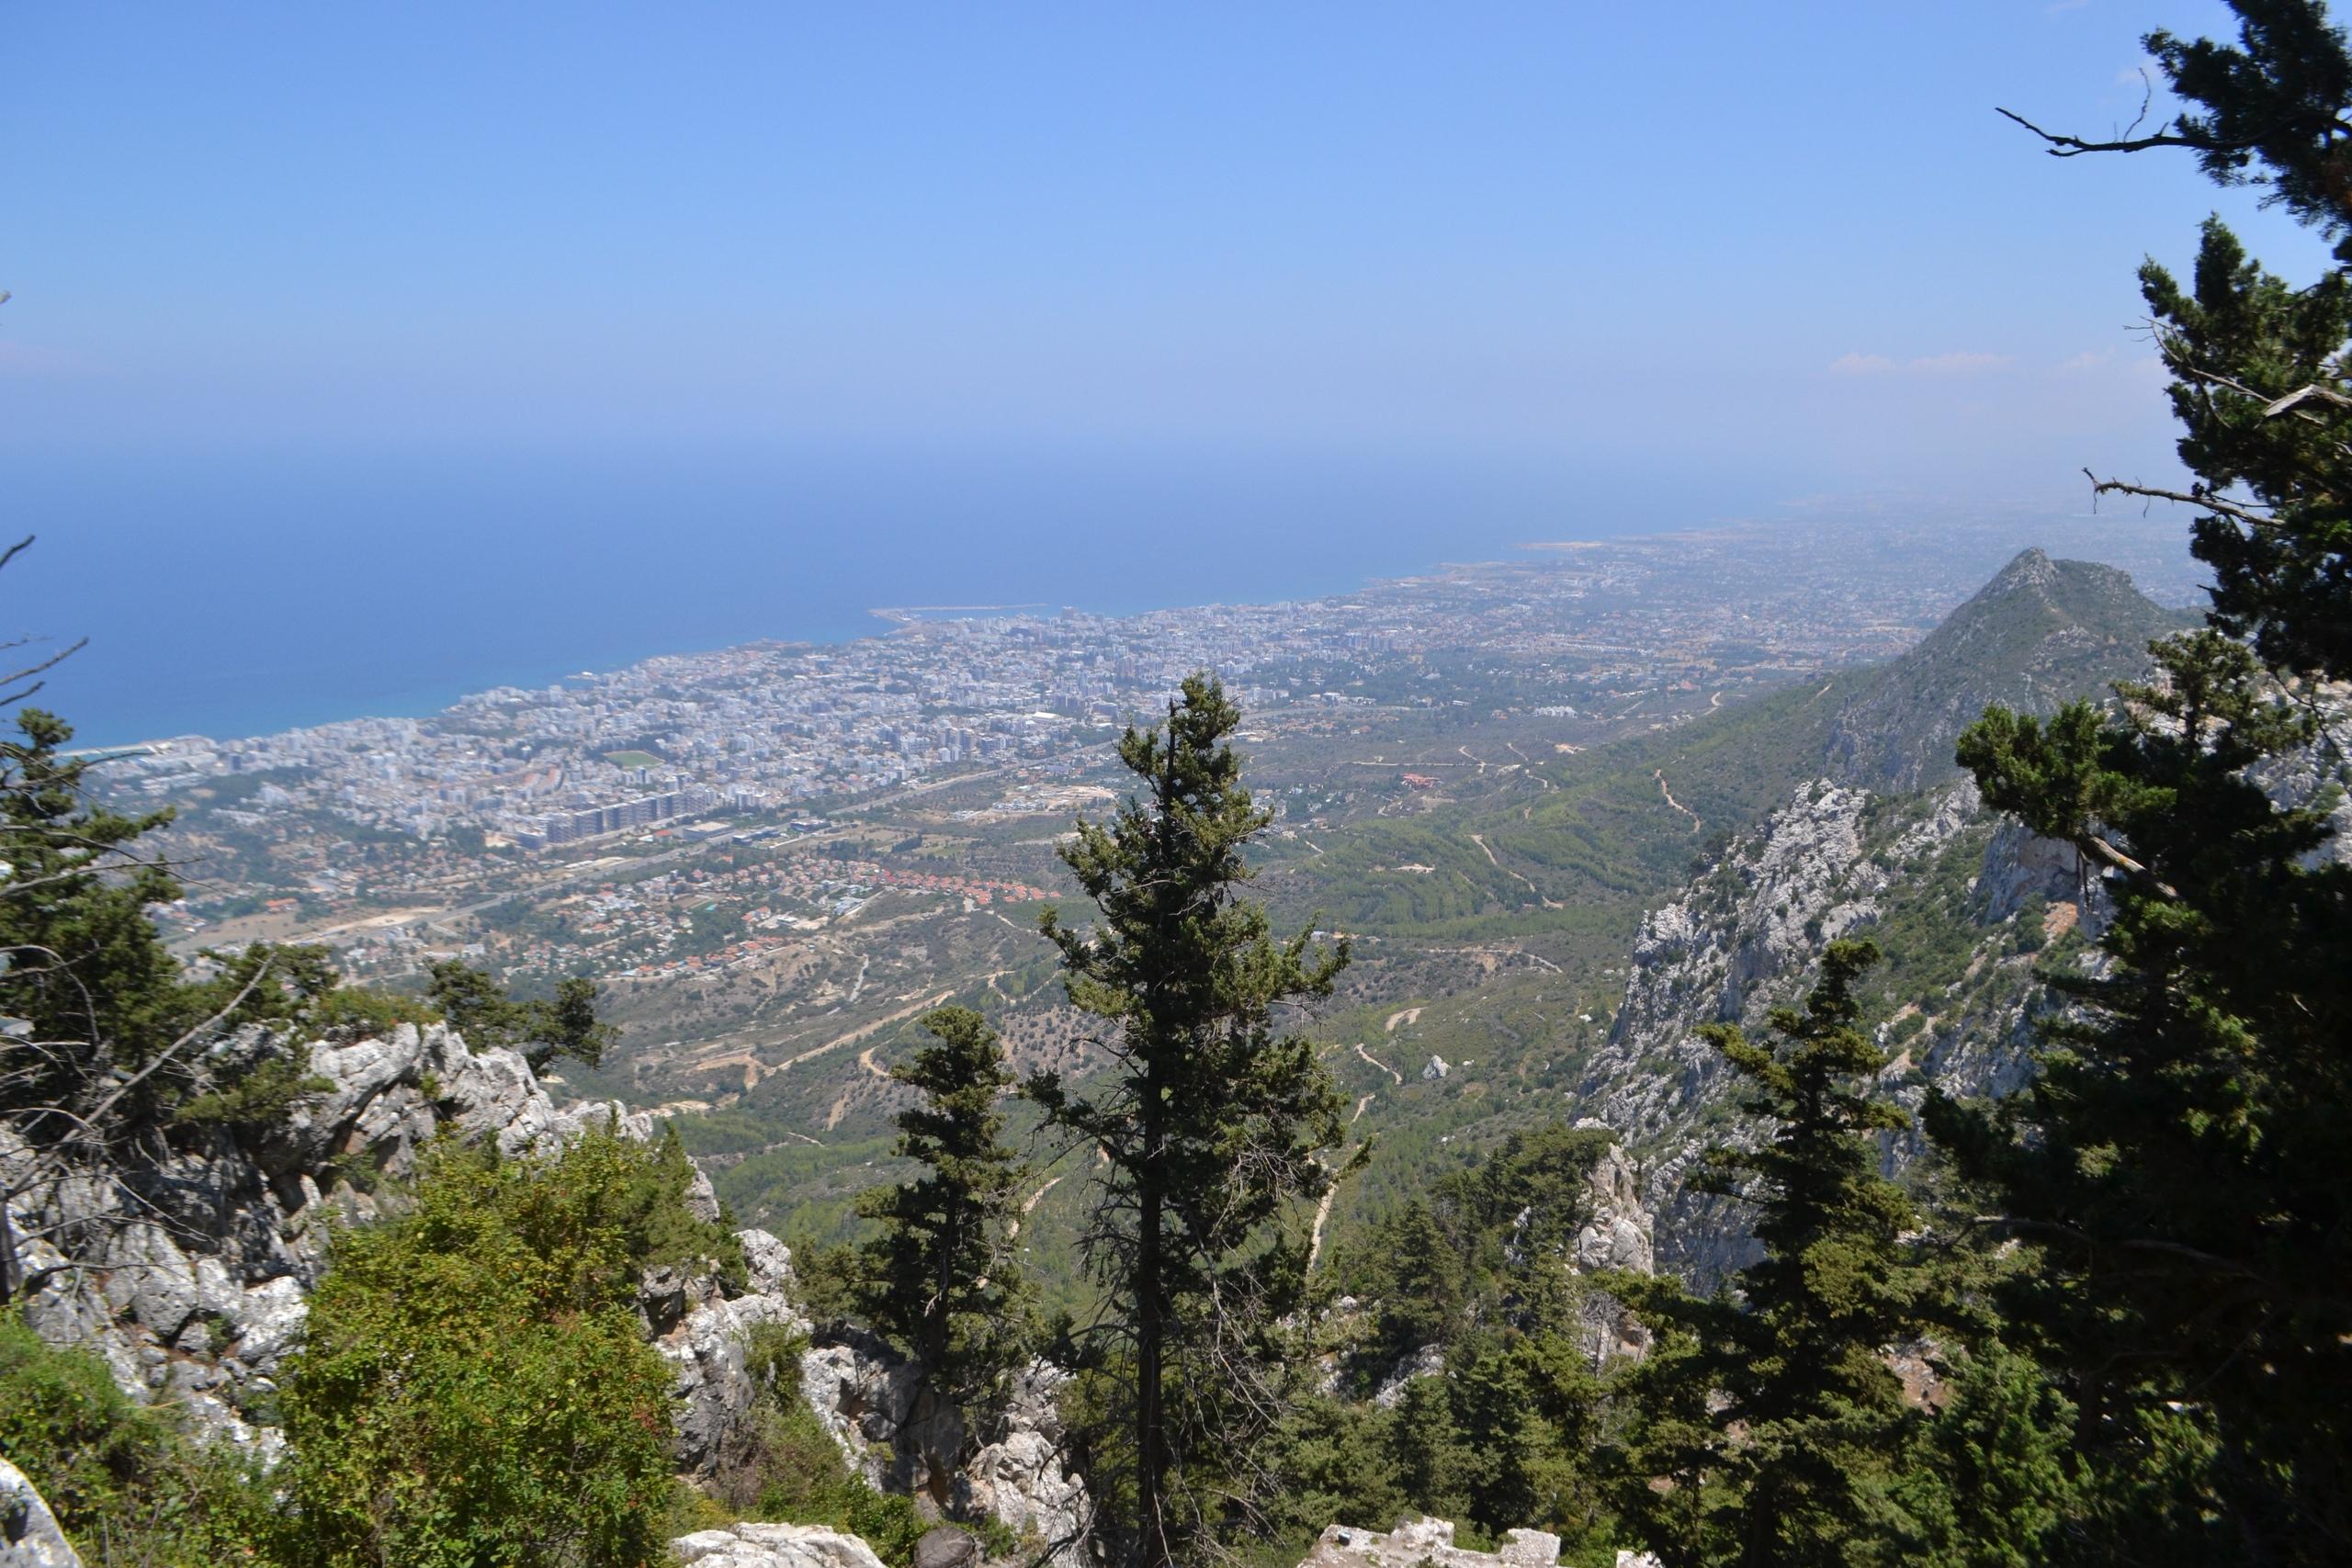 Северный Кипр. Замок Святого Иллариона. (фото). - Страница 2 YRREco8hZB0